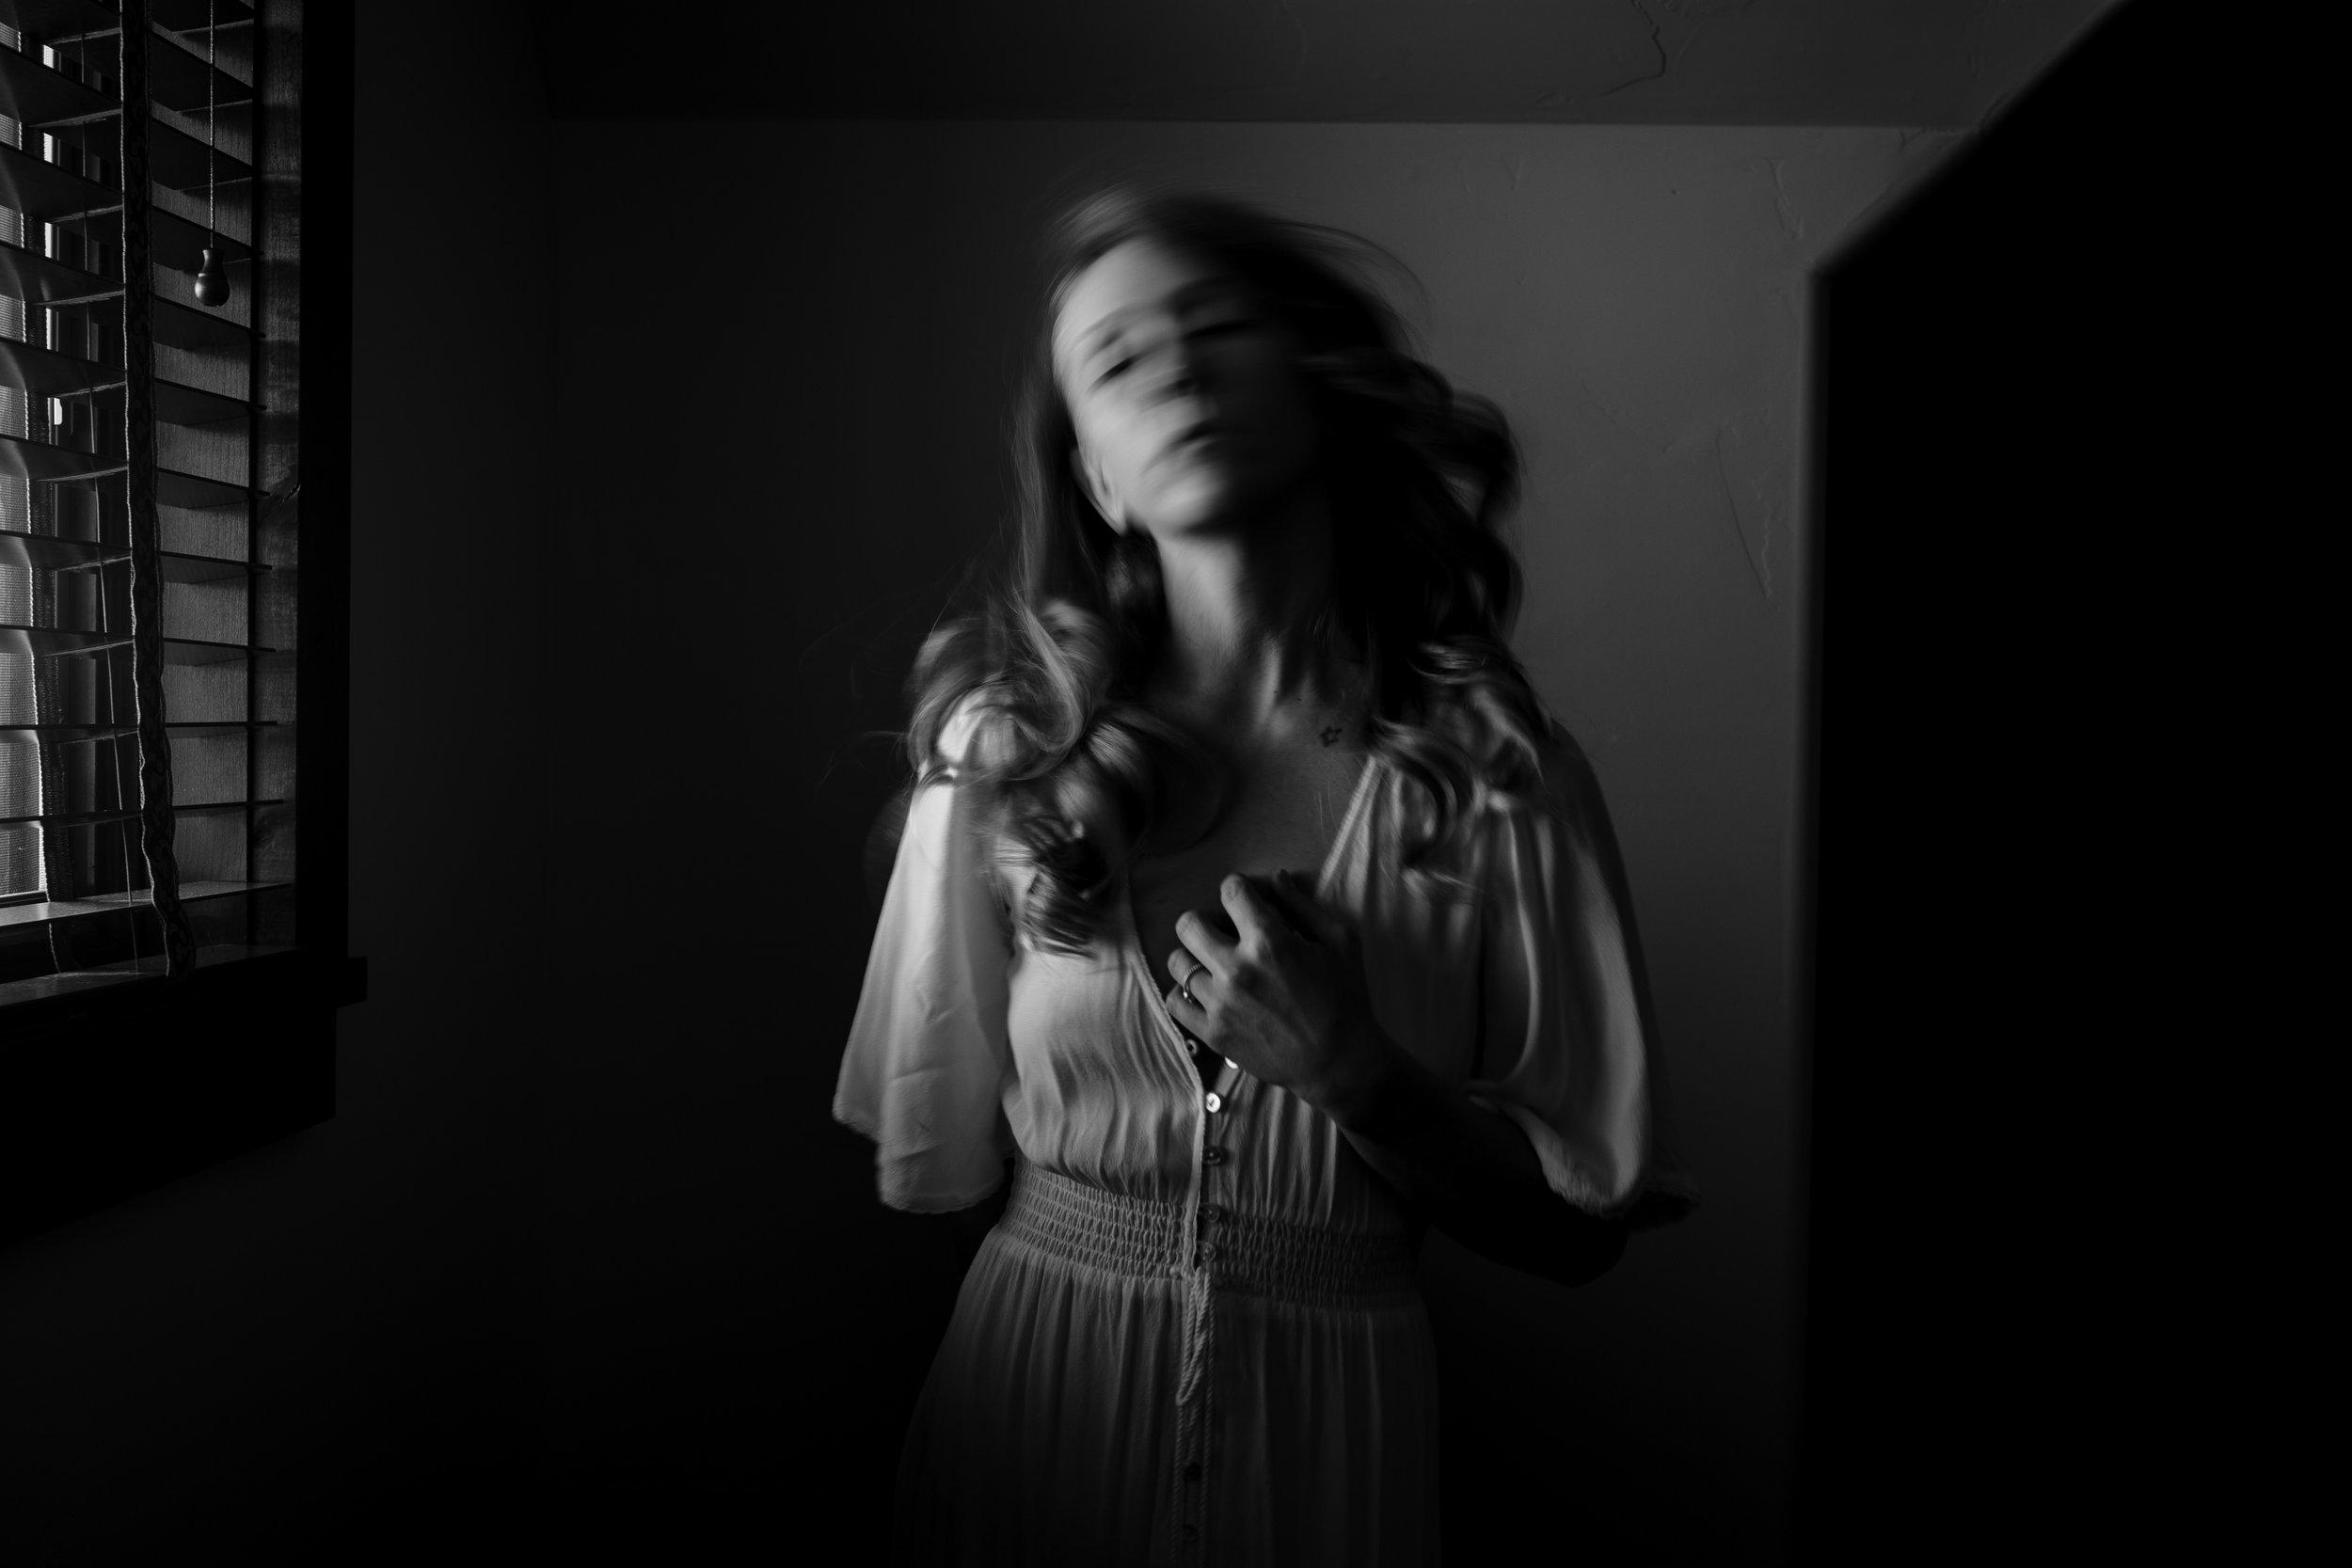 emotive-photographer-jessica-max-april-11.jpg